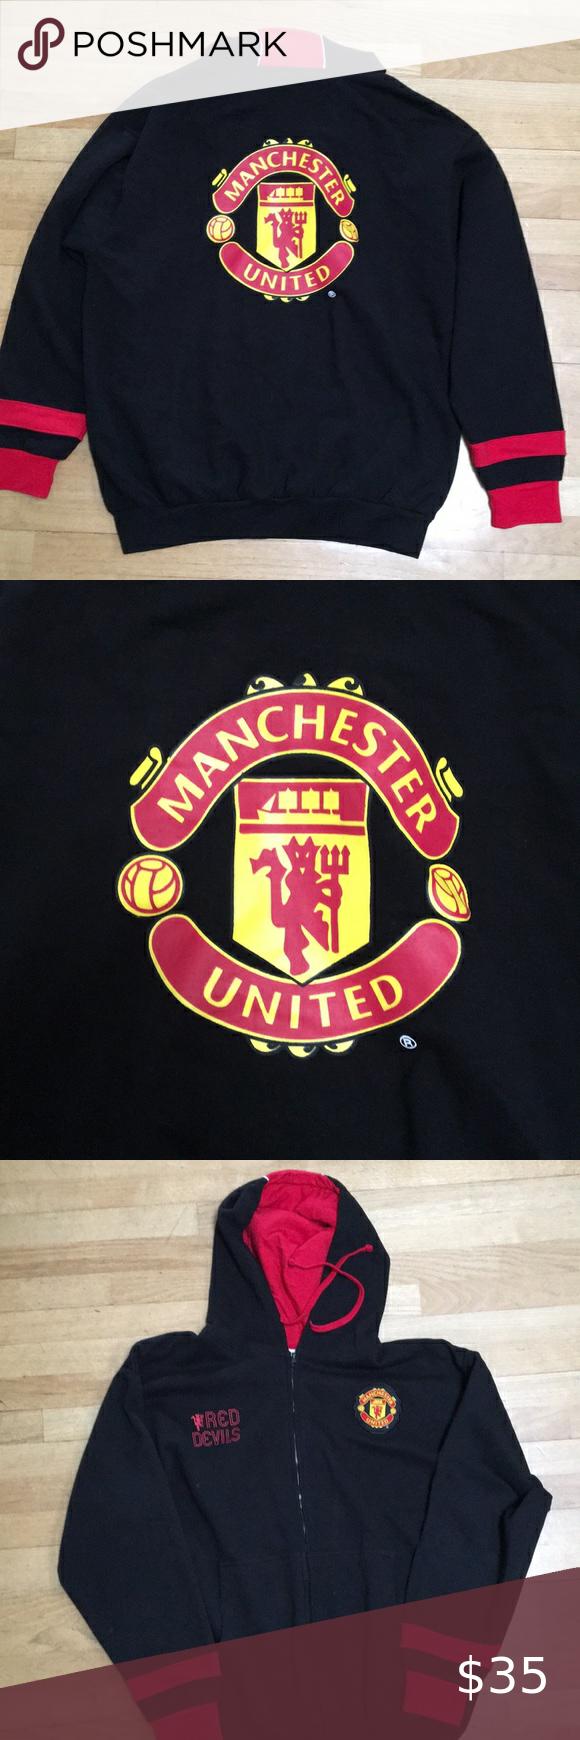 Manchester United Red Devils Hoodie Sweatshirt Xl In 2020 Sweatshirts Hoodie Manchester United Jacket Sweatshirts